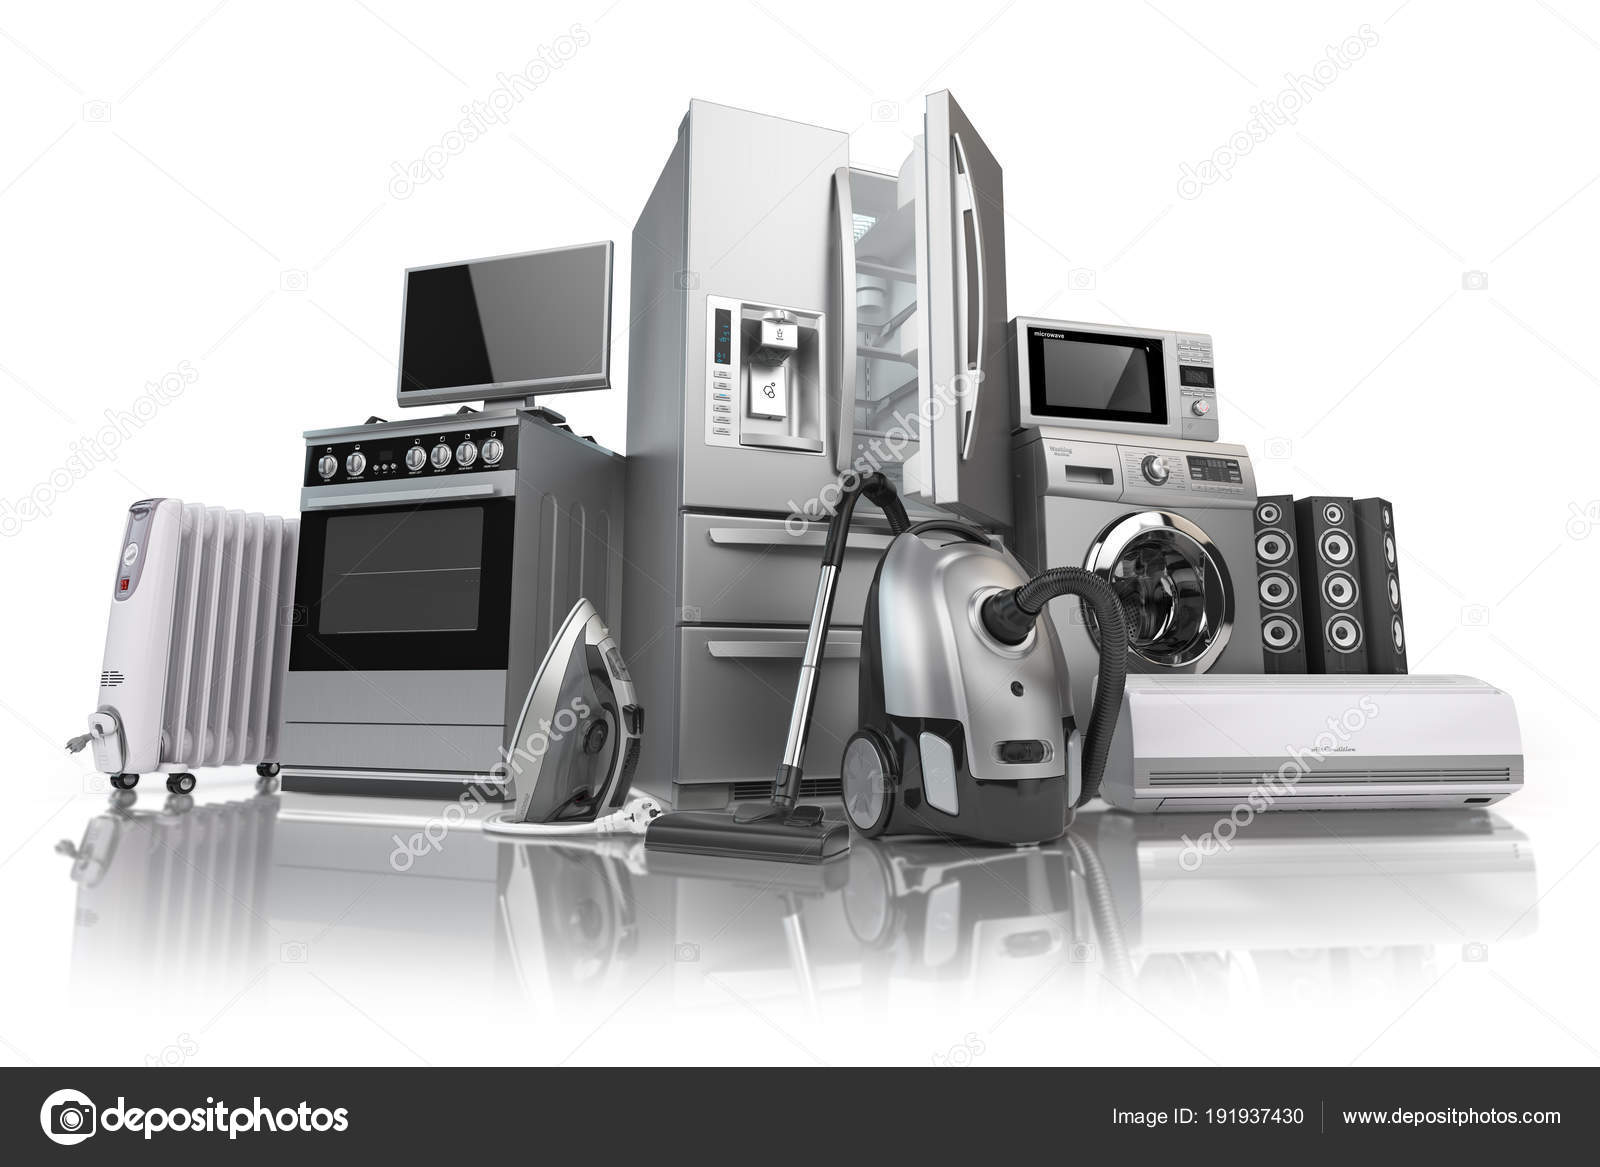 dbaac774c21e3f Gospodarstwa domowego. Zestaw Technics gospodarstwa domowego kuchnia na  białym tle. E-commerce sklep internetowy internet przyrządów. ilustracja 3D  ...